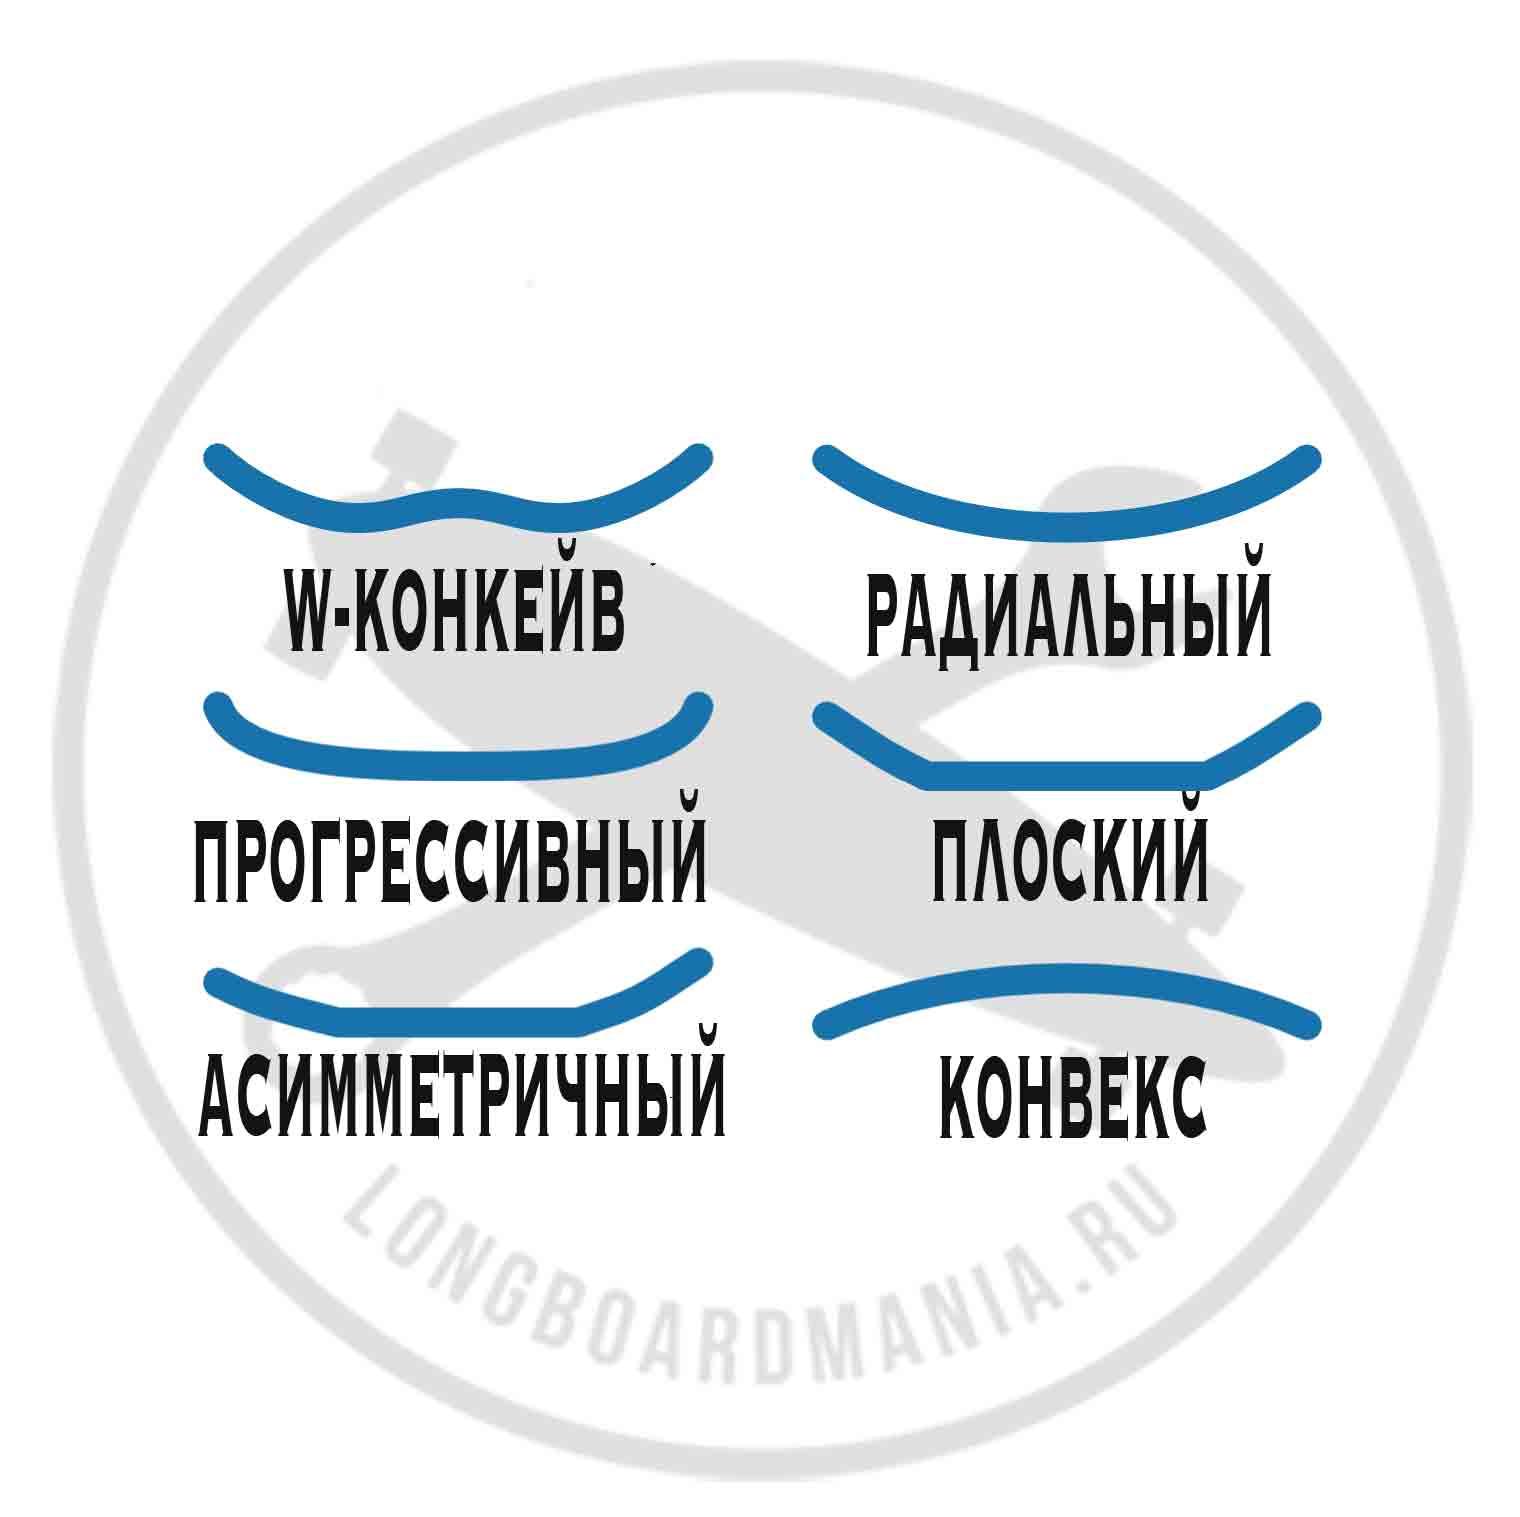 Лонгборд конкейв, Что такое concave на лонгборде, как выбрать лонгборд